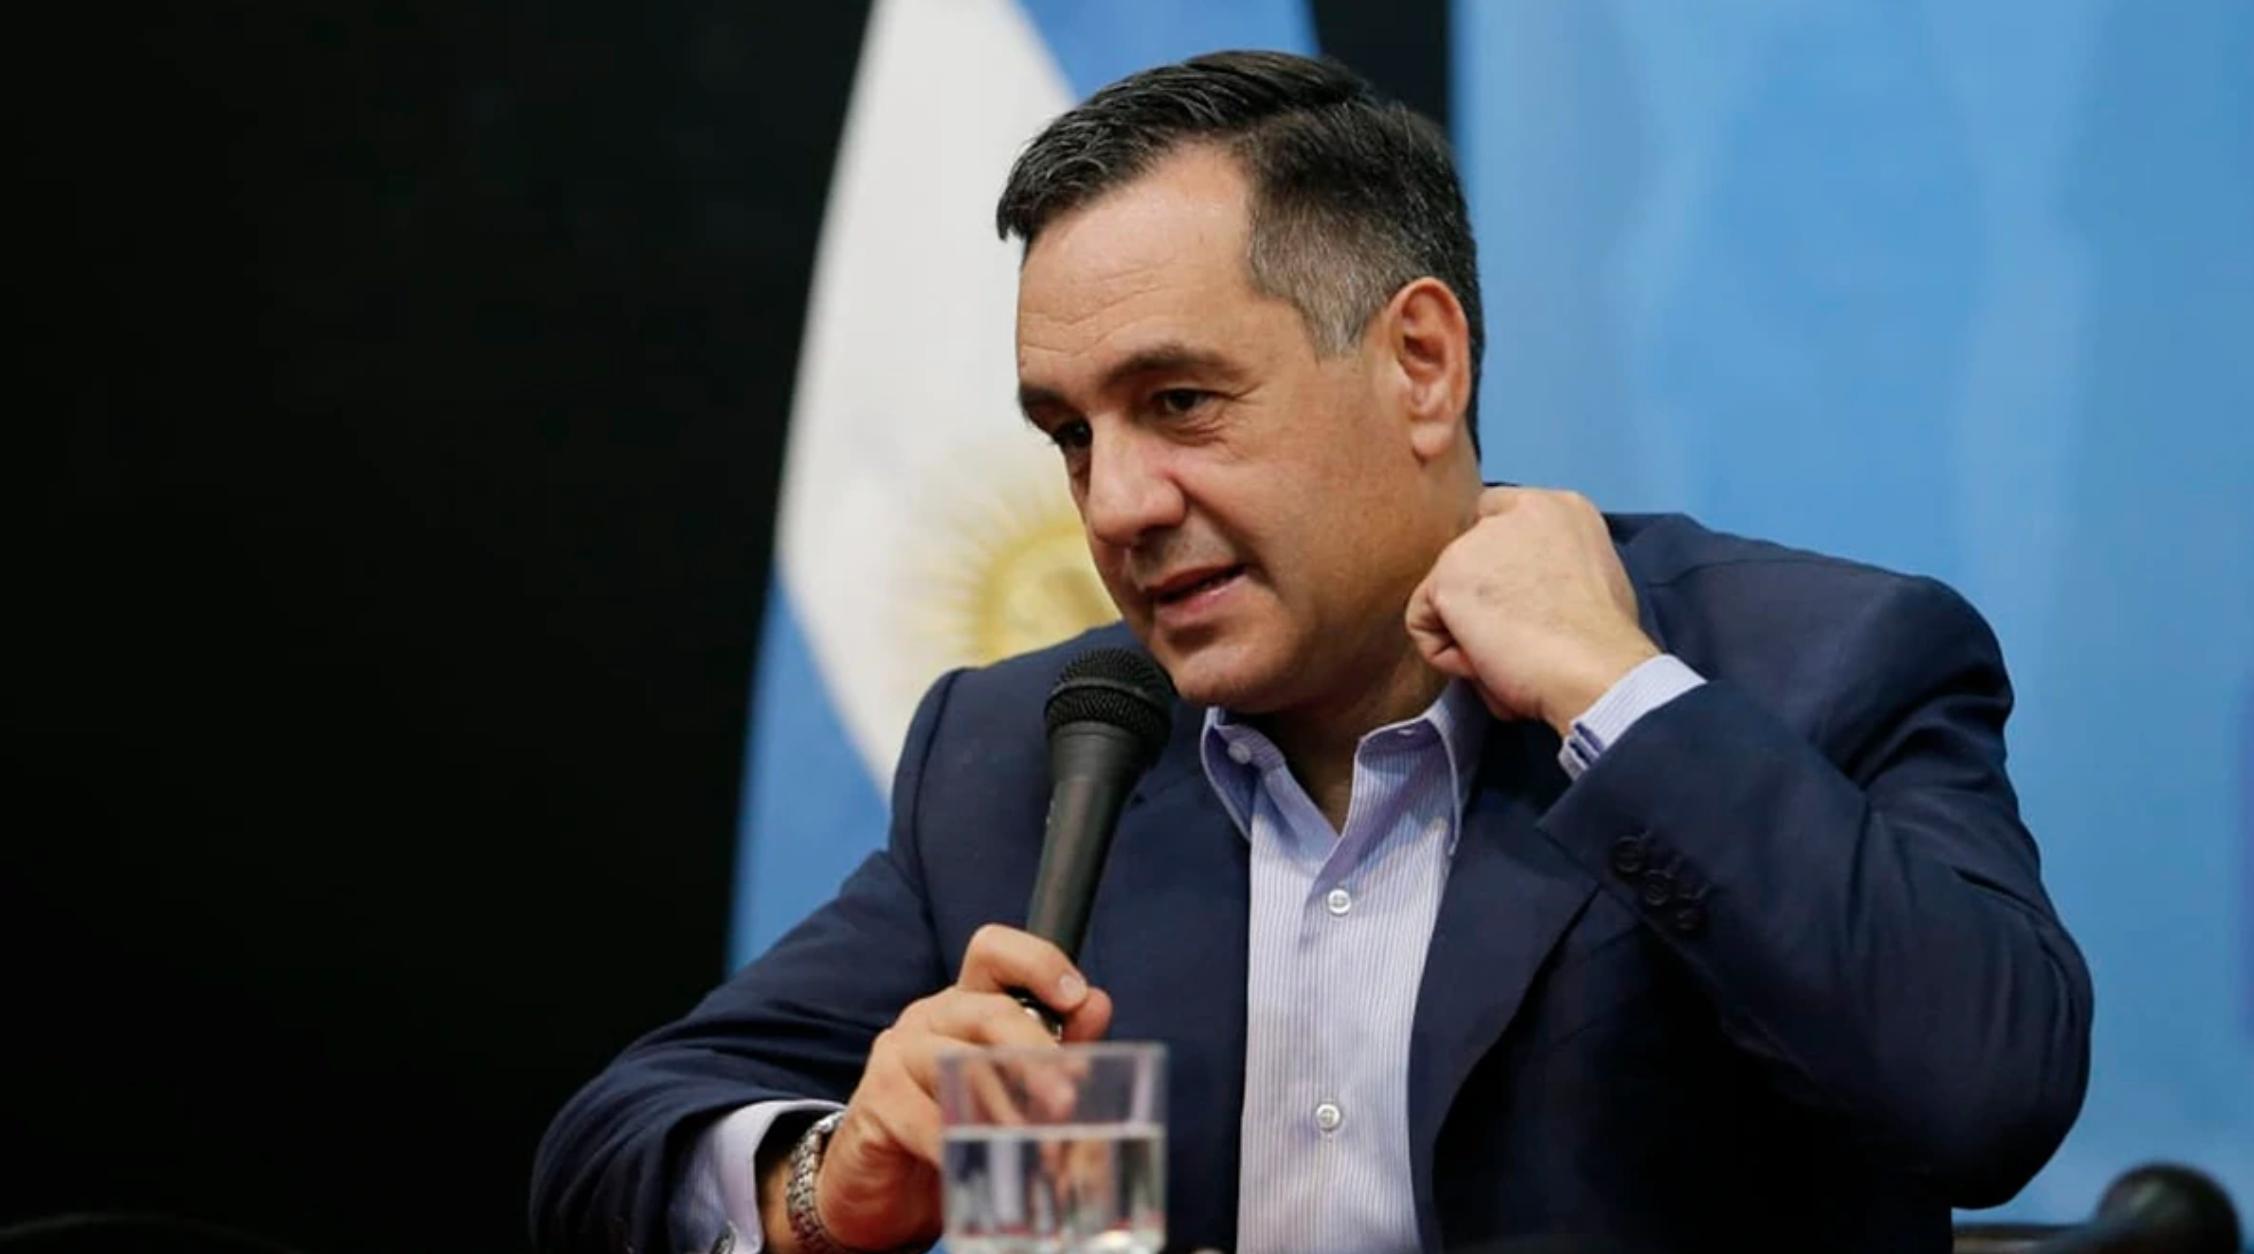 alejandro finochiaro, candidato, la matanza, elecciones 2019